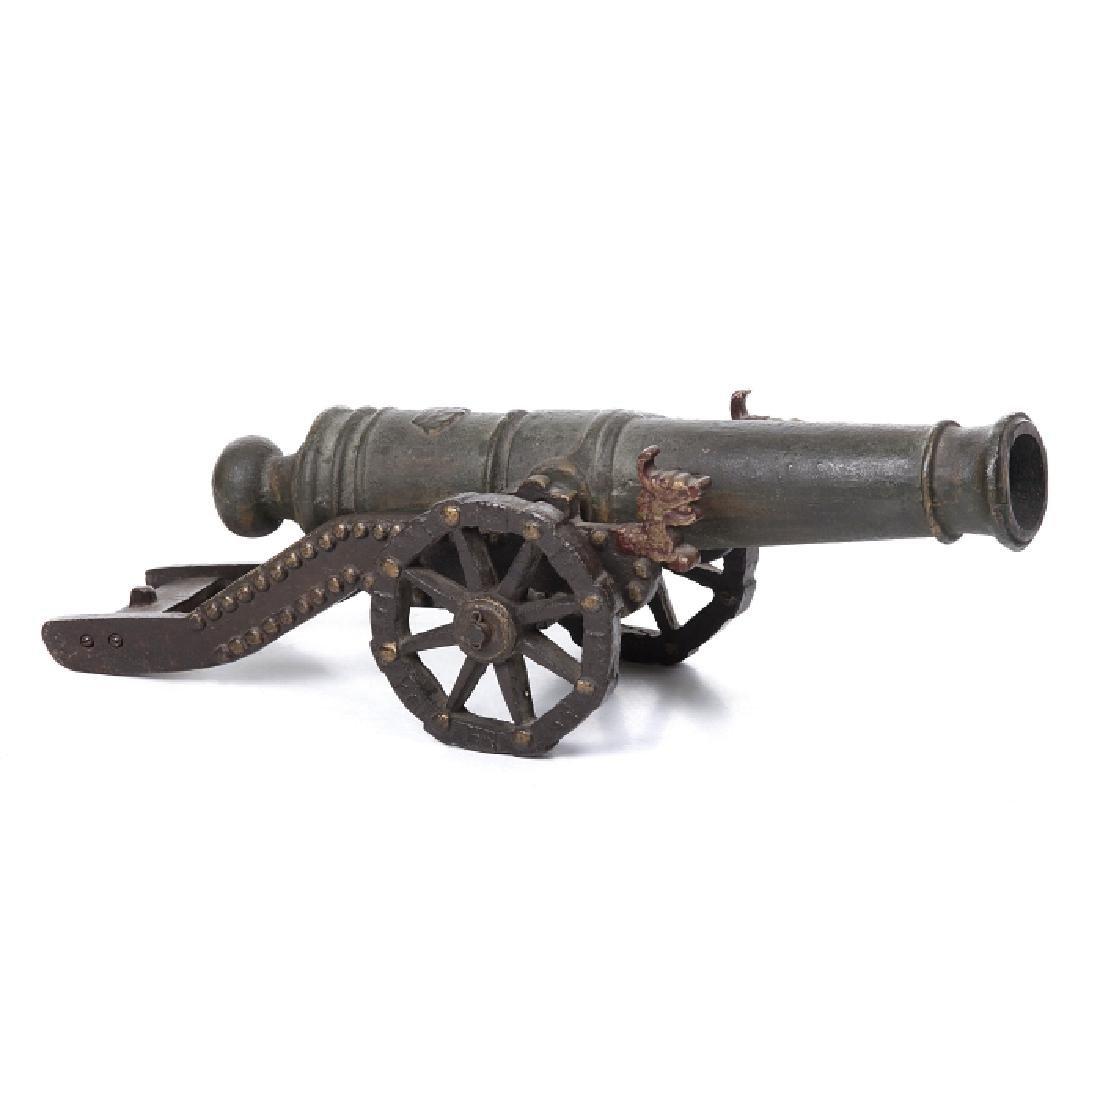 Decorative cannon in bronze